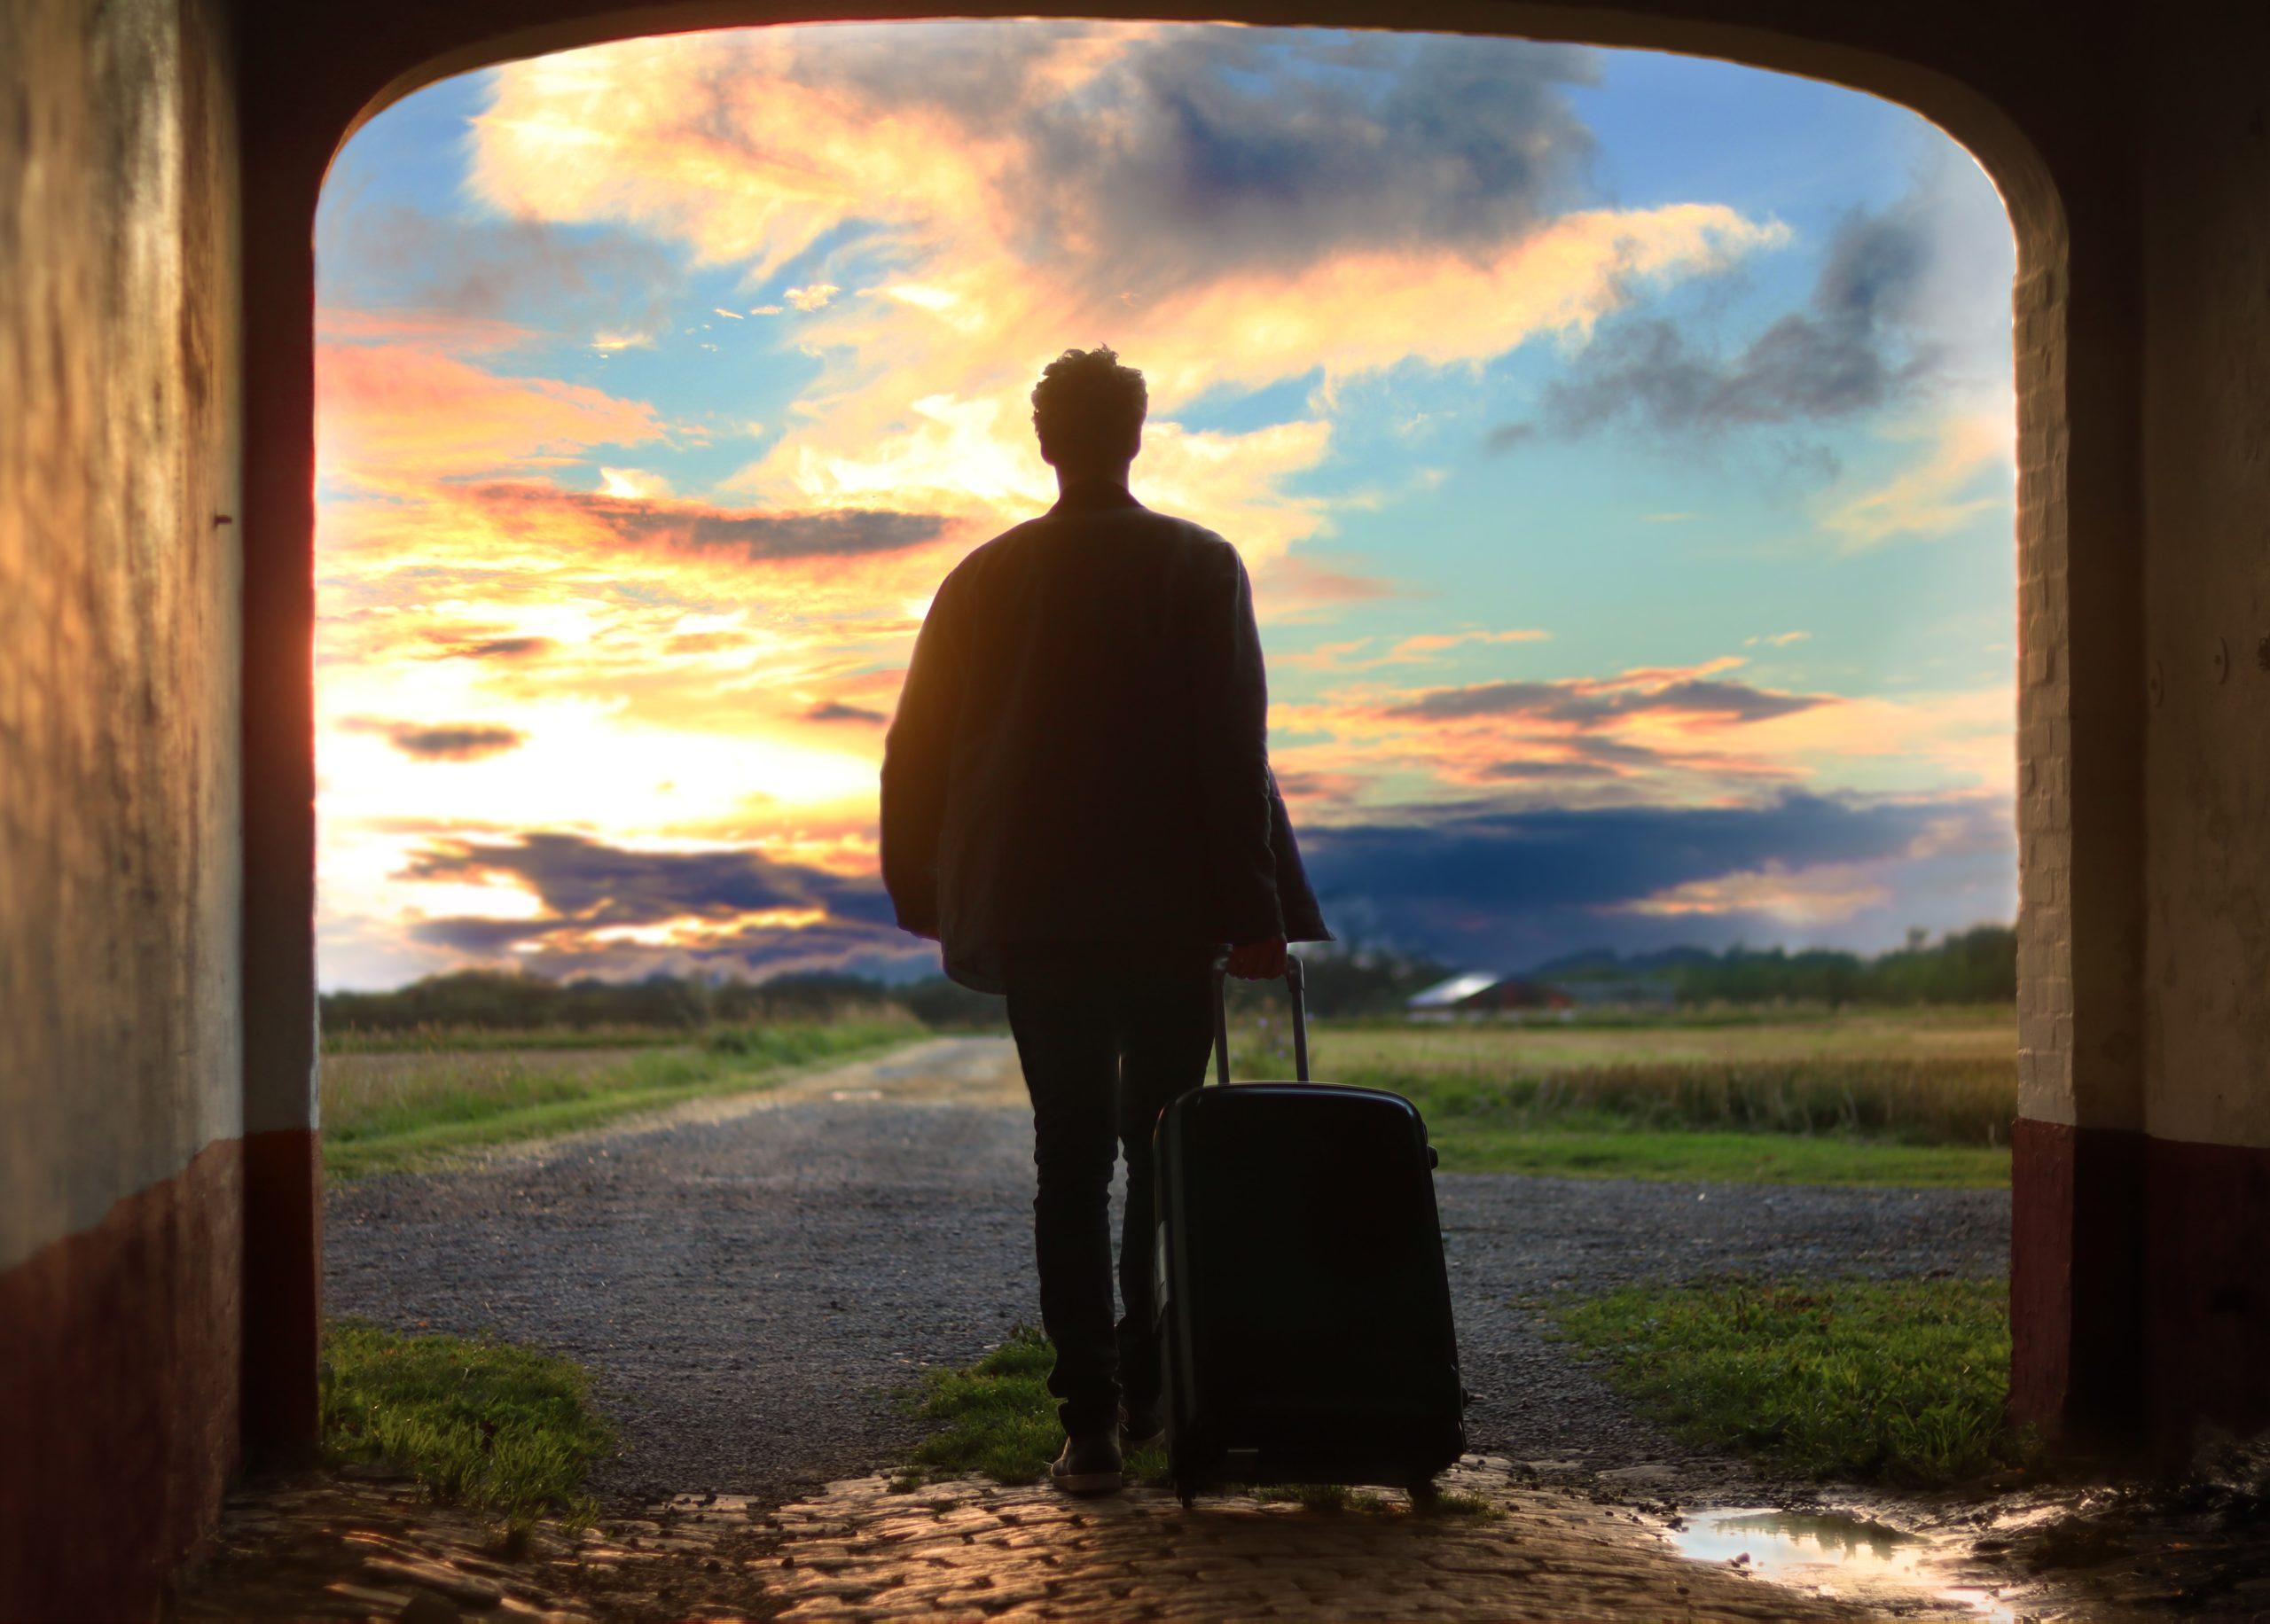 新しい旅行スタイルで準備した方が良いことや心構えは【新しい旅のエチケット】